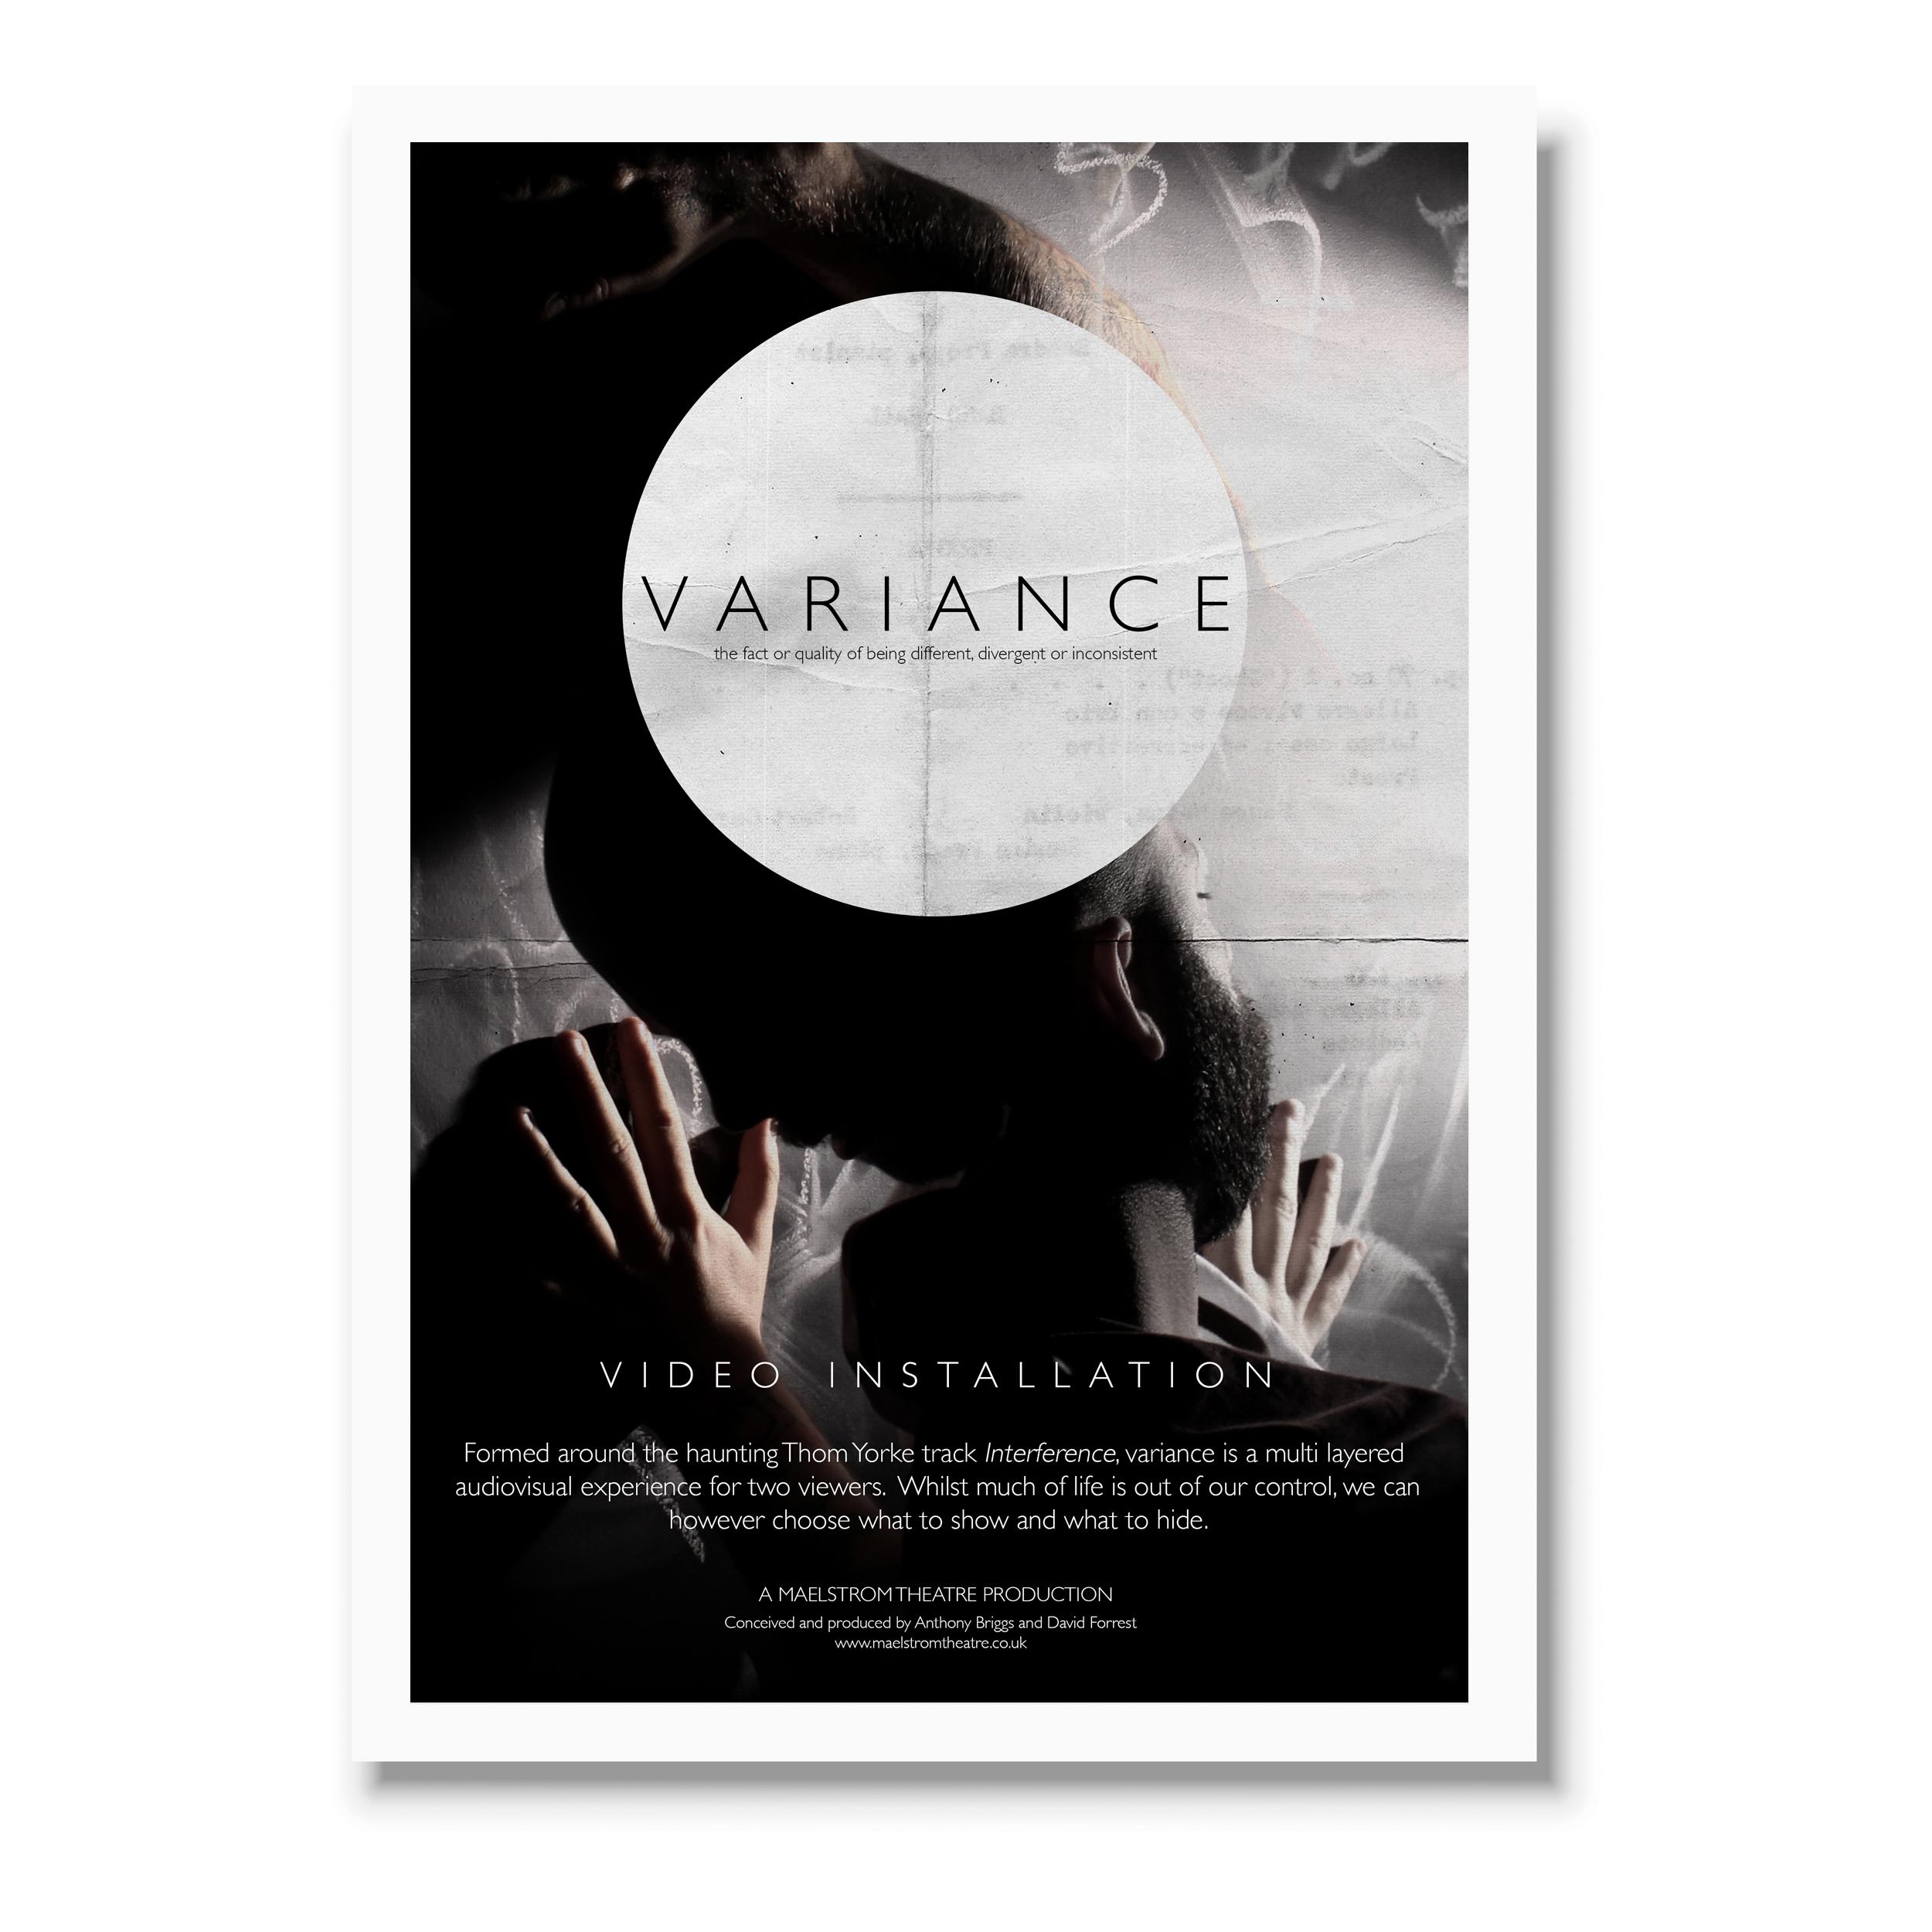 For Self (Variance Short Film)